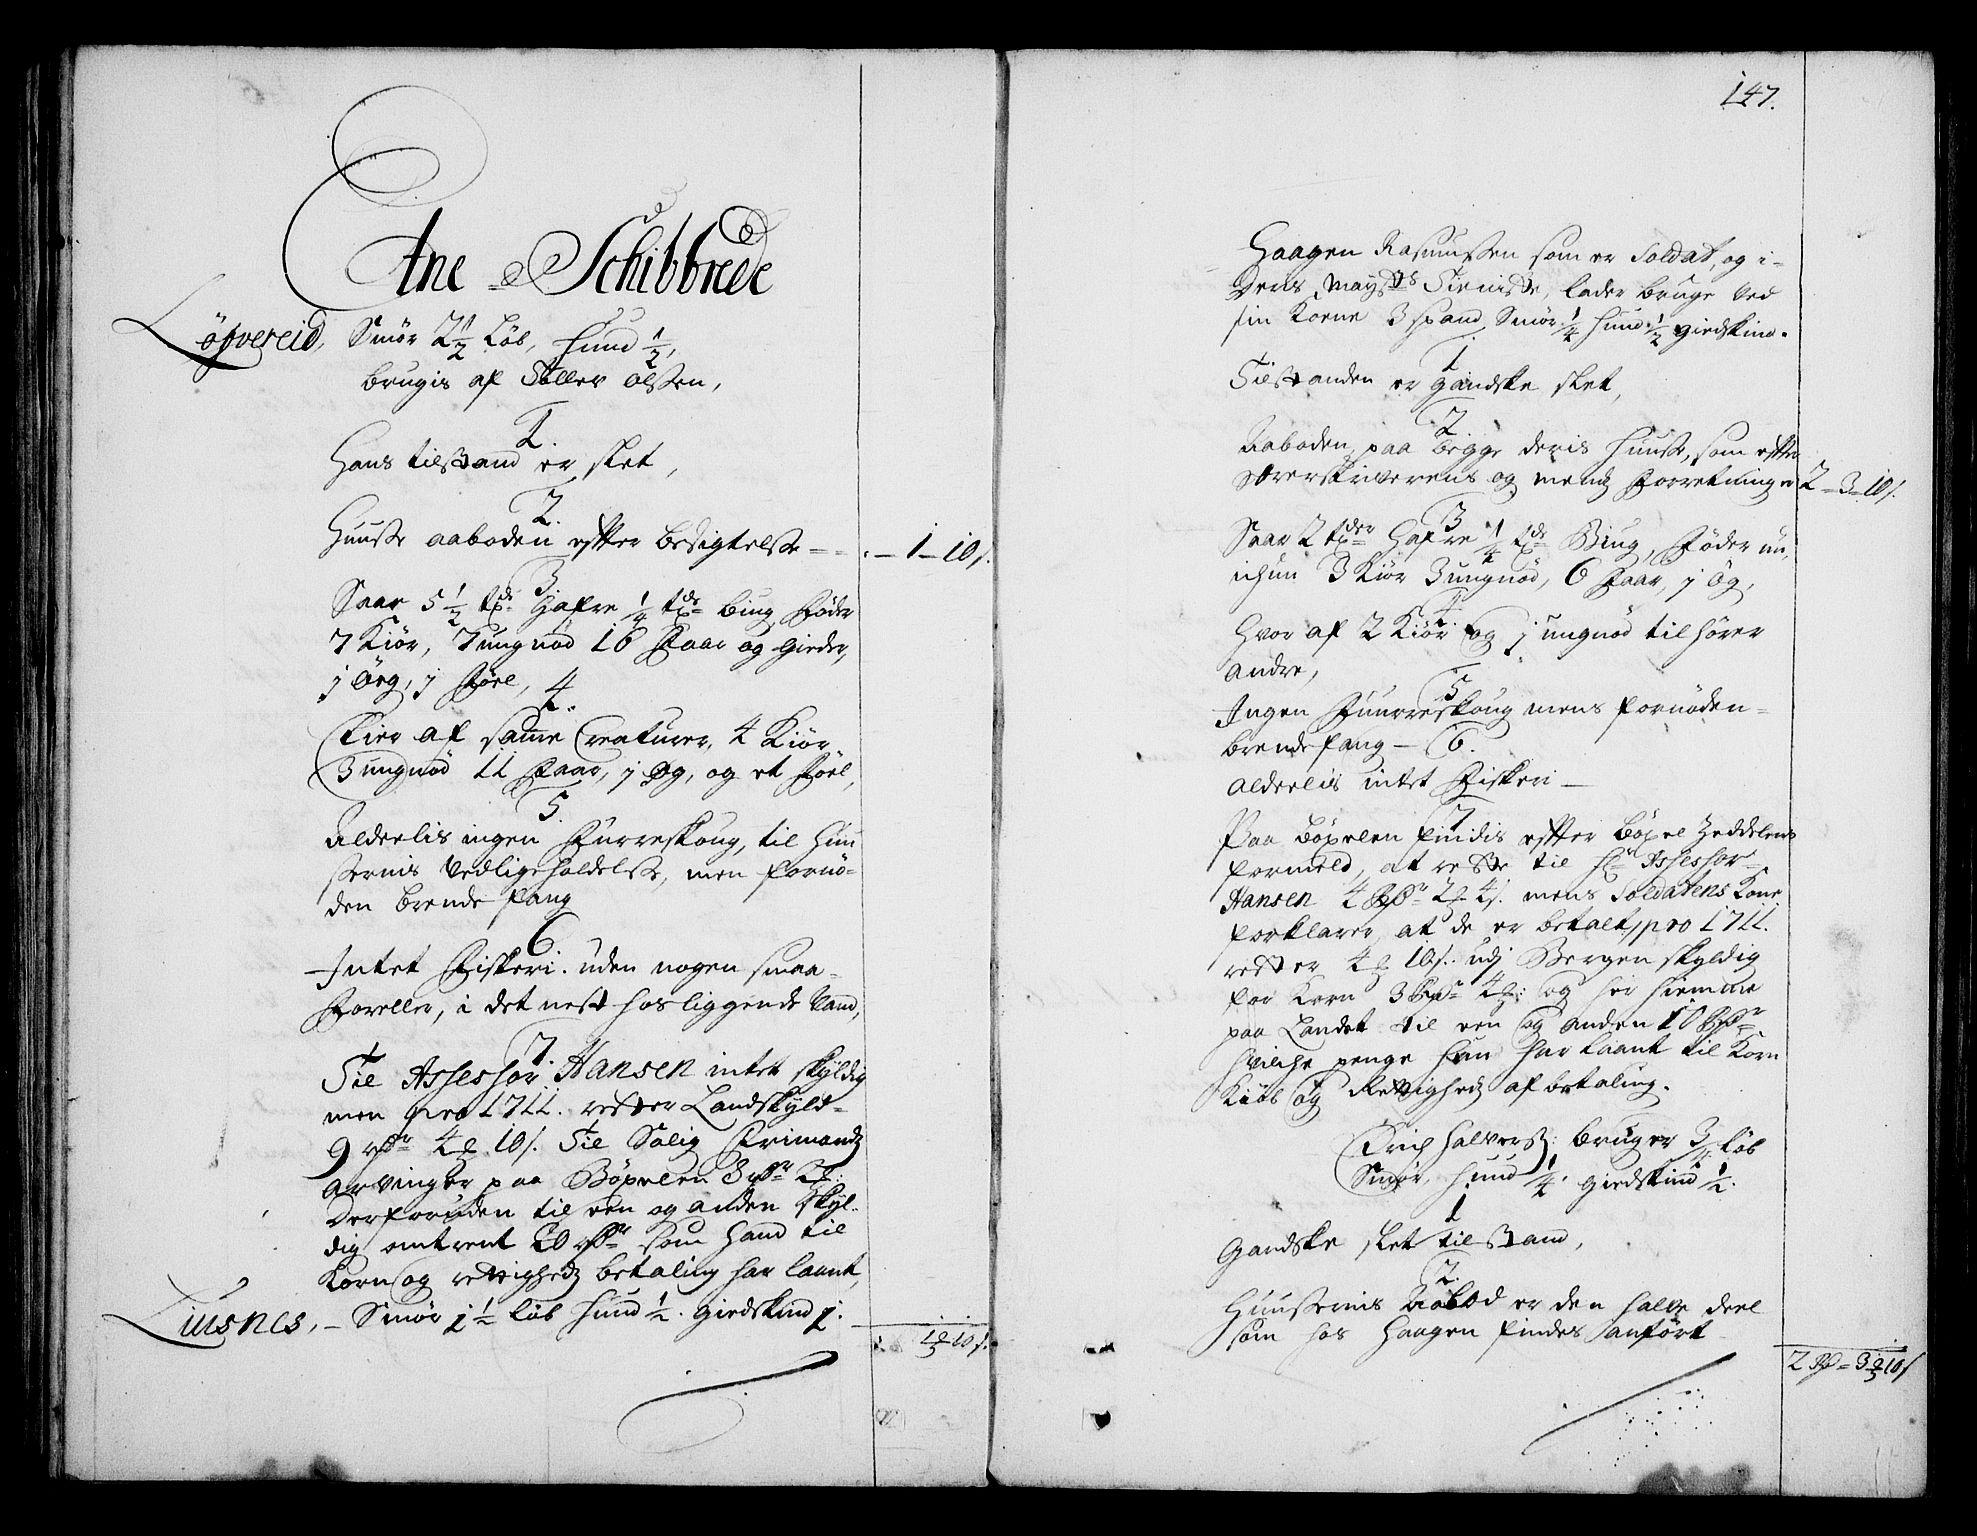 RA, Rentekammeret inntil 1814, Realistisk ordnet avdeling, On/L0003: [Jj 4]: Kommisjonsforretning over Vilhelm Hanssøns forpaktning av Halsnøy klosters gods, 1712-1722, s. 146b-147a